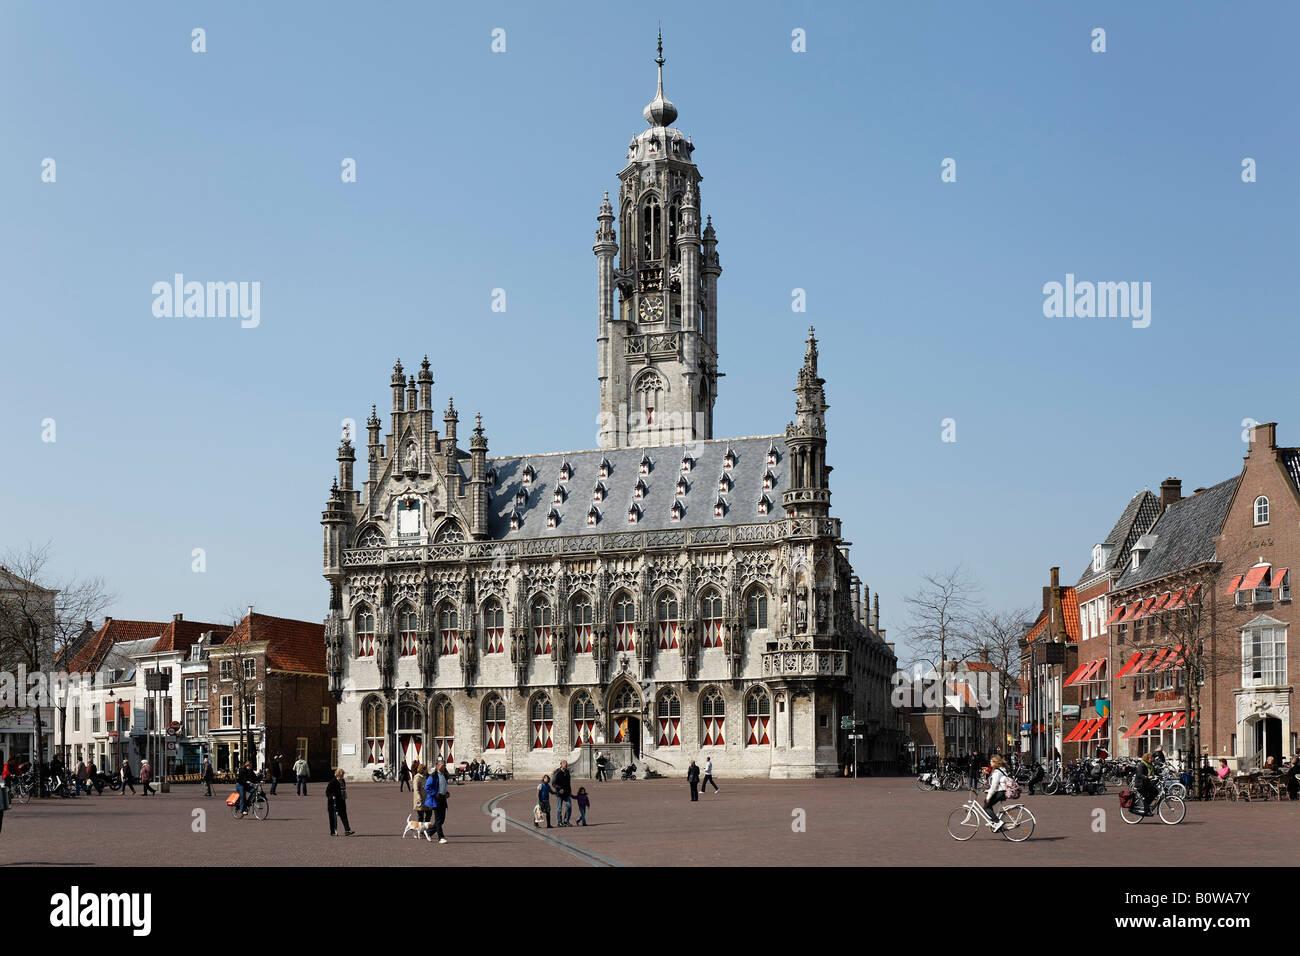 Fifteenth-century Town Hall, Stadthuis, Middelburg, Walcheren, Zeeland, Netherlands - Stock Image